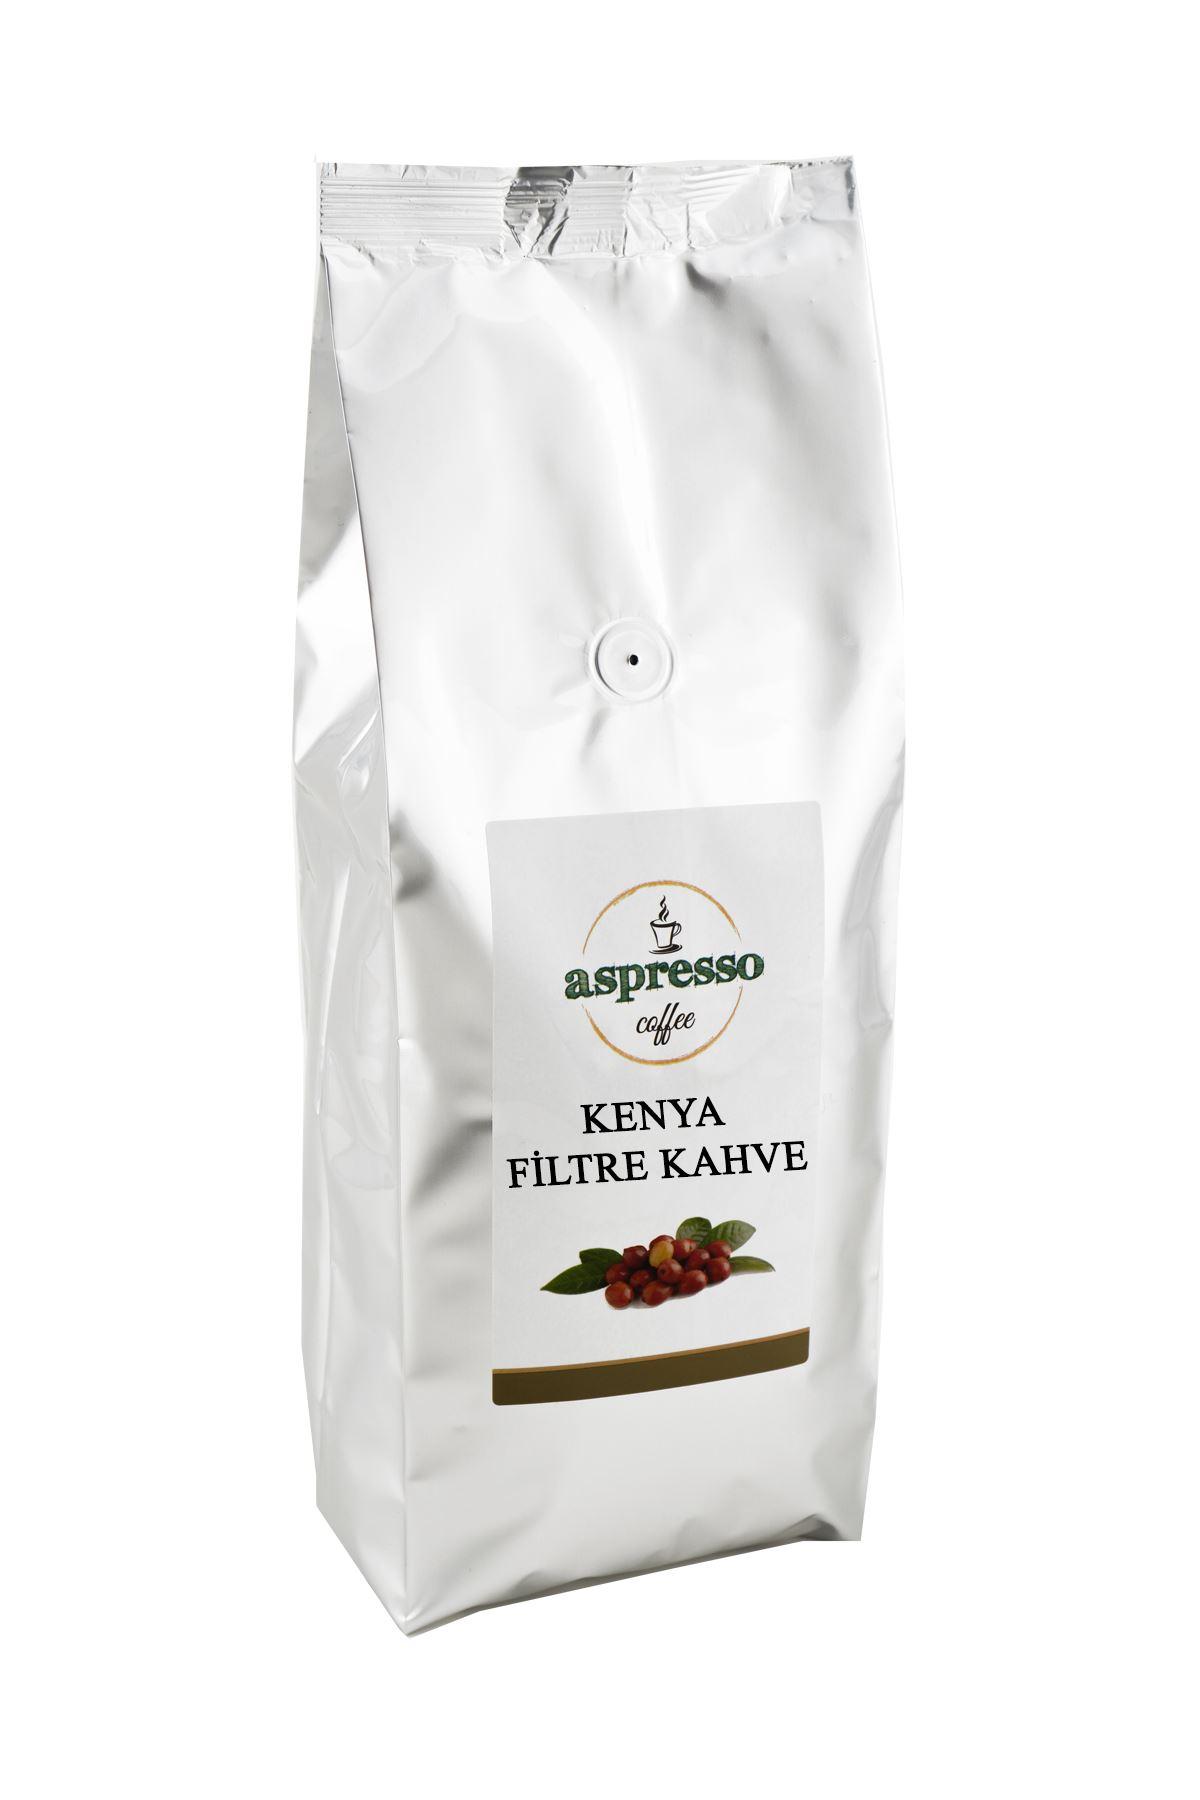 Kenya Filtre Kahve 1000 gr.